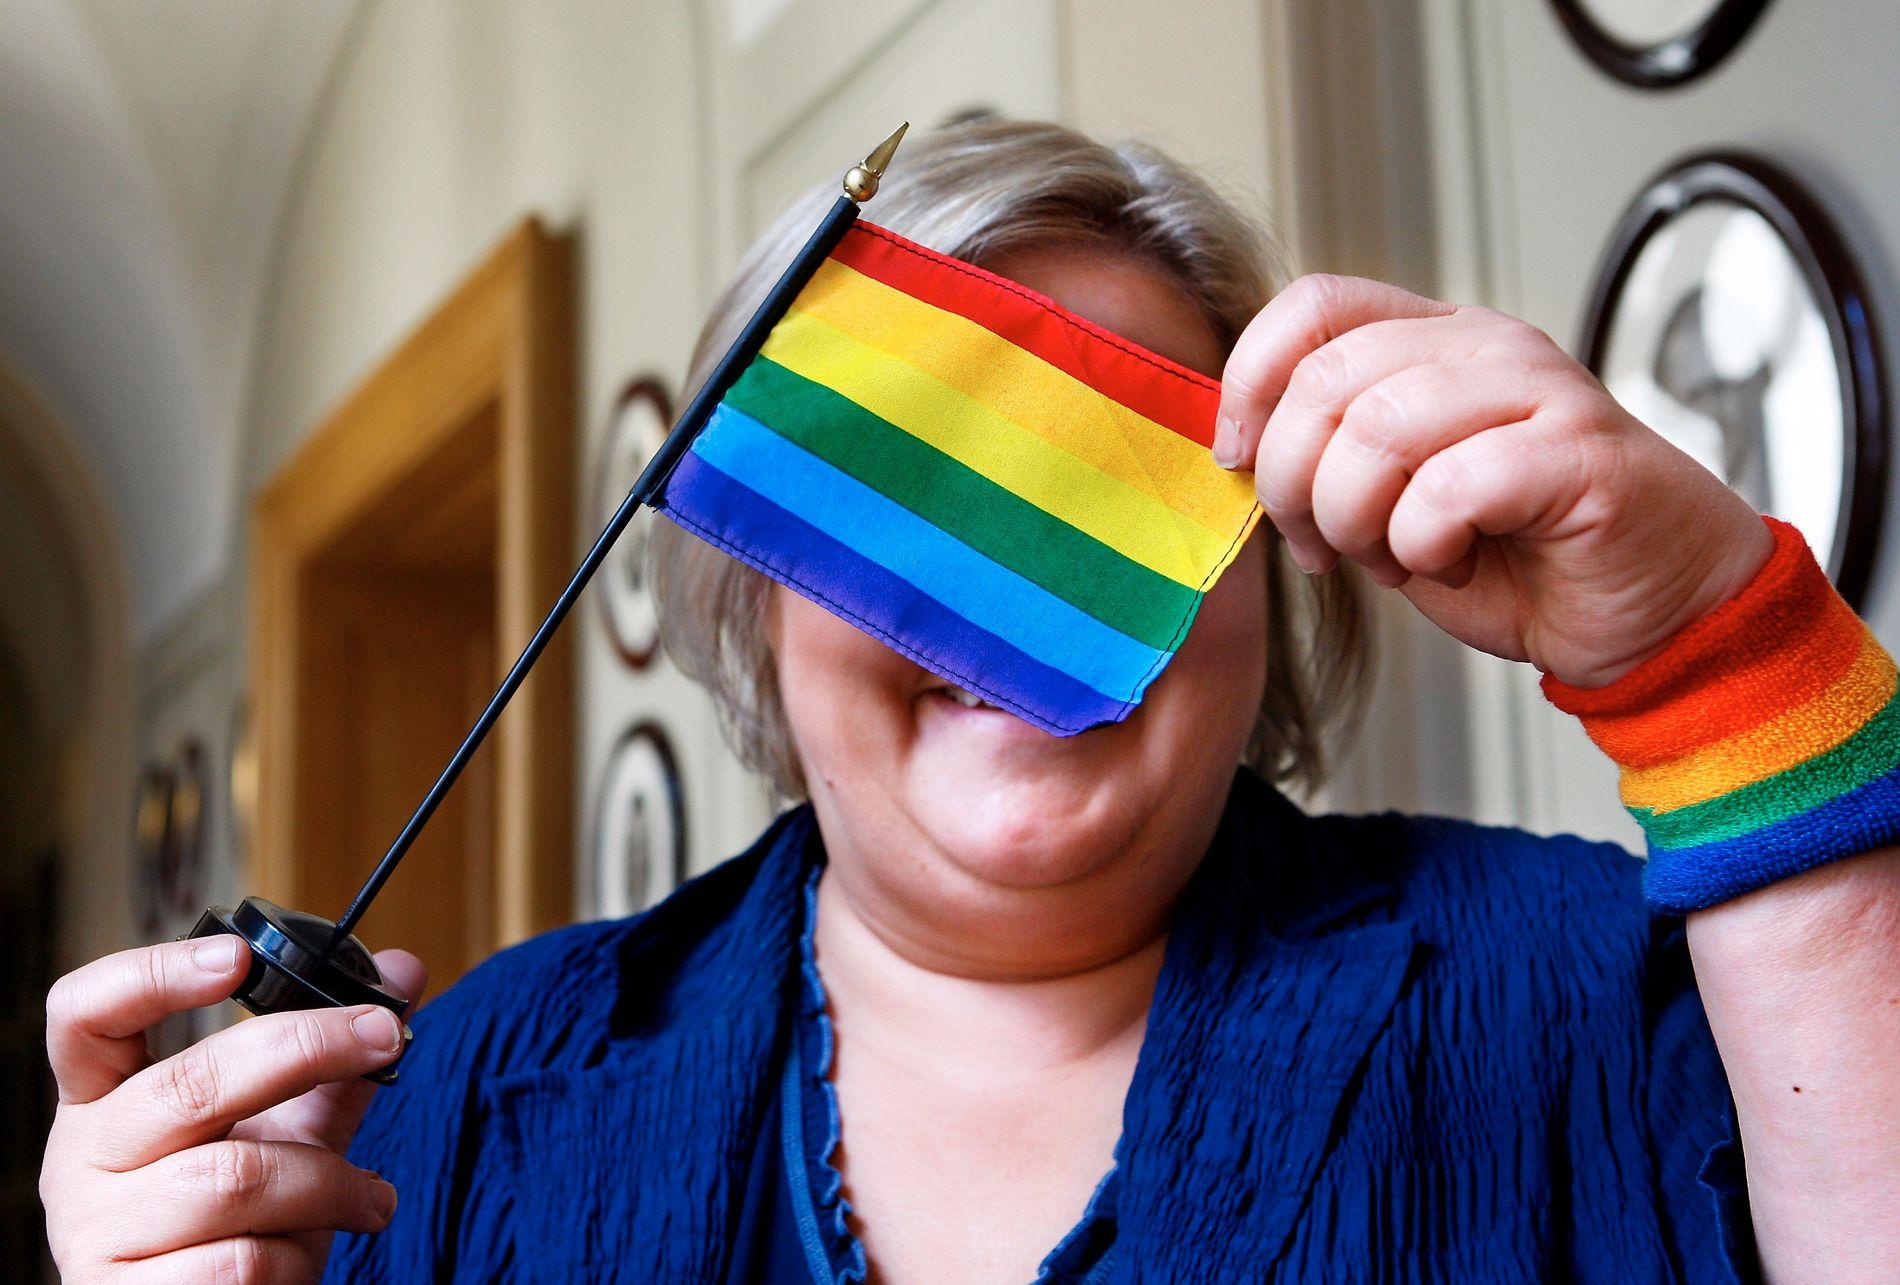 HOMO-ERNA: – Norges regjering, og Erna, har ambisiøse mål og konkrete resultater å vise til gjennom fire år for å bedre forholdene både for vår nære regnbuefamilie her i landet, skriver kronikkforfatterne.